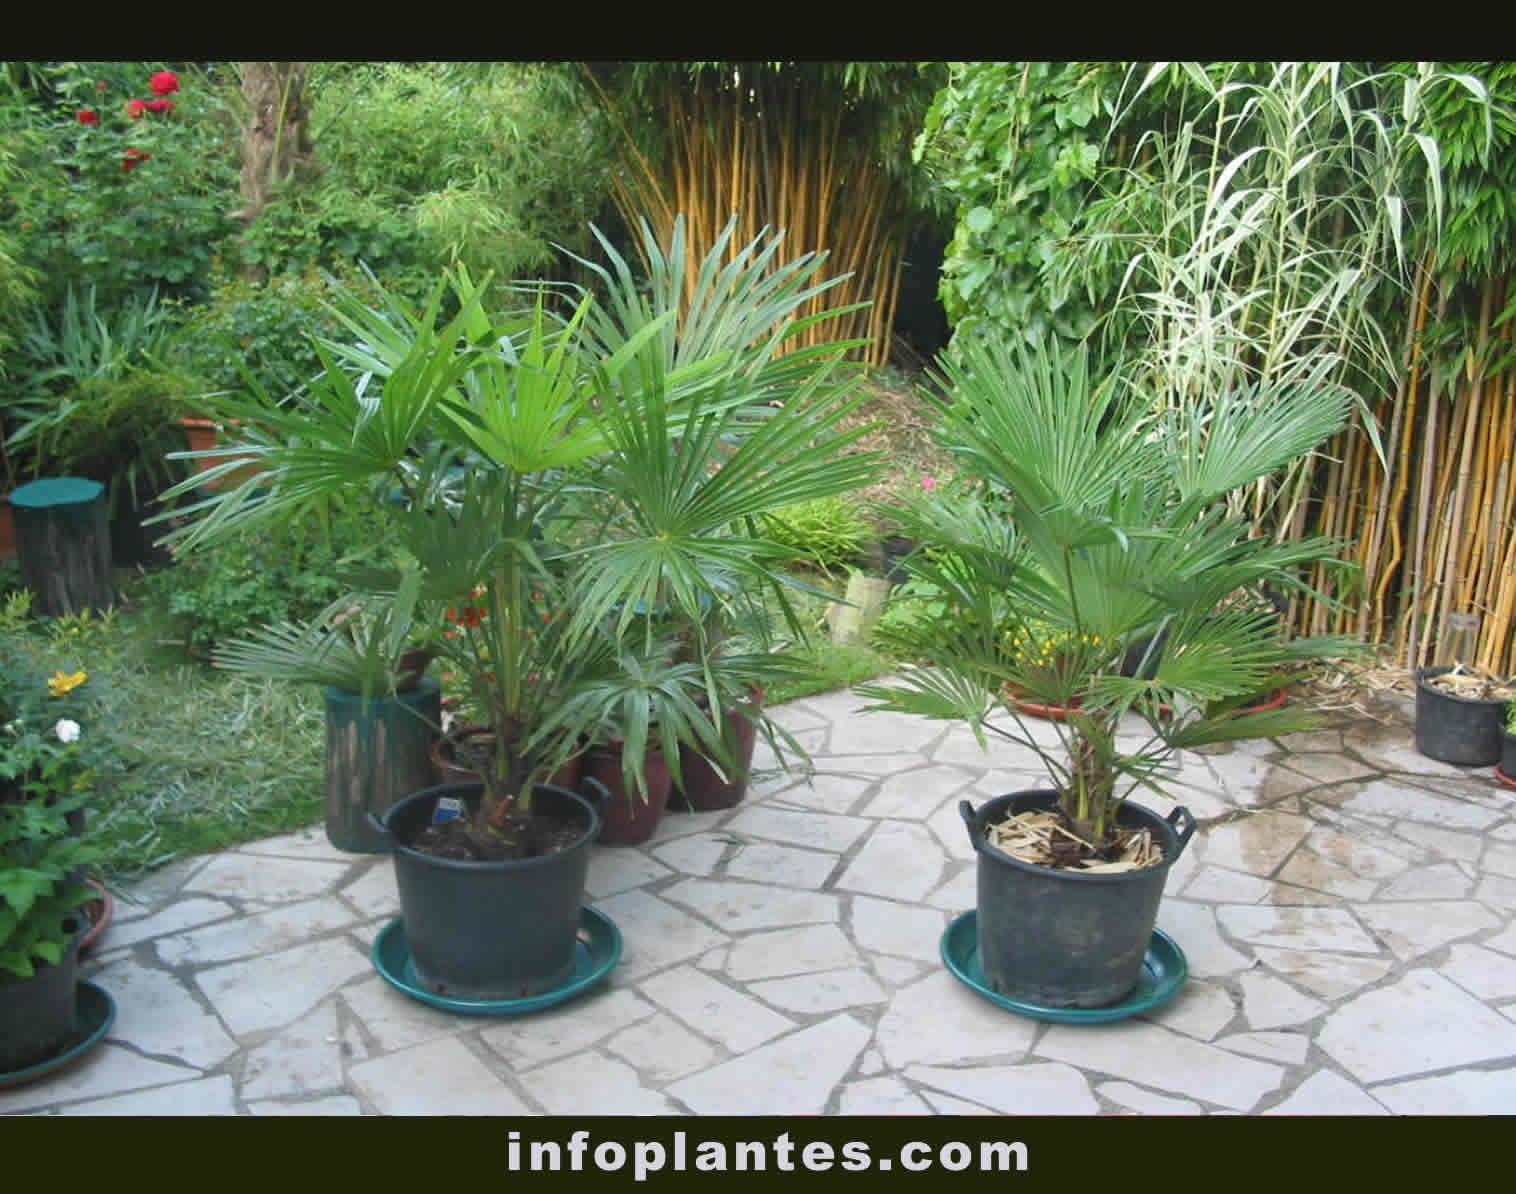 infoplantes.com